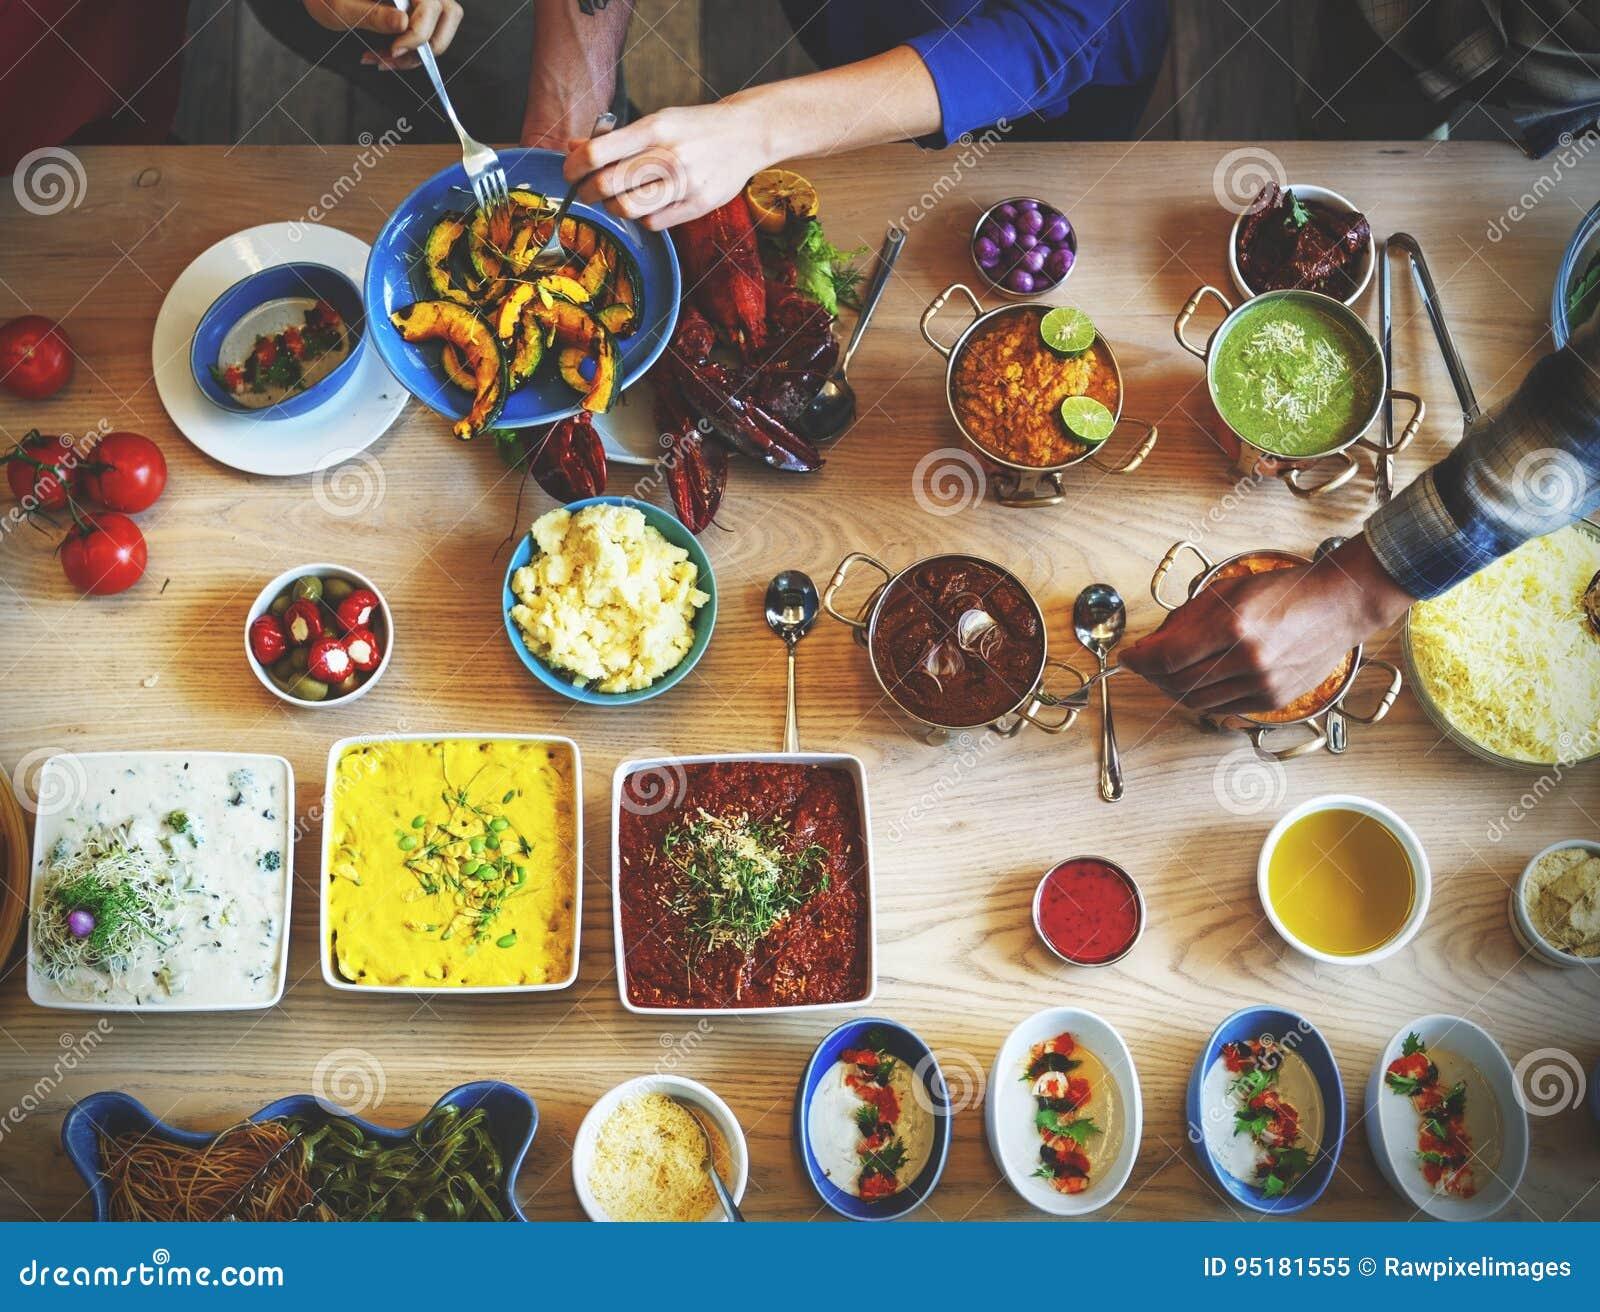 Μαγειρική γαστρονομική έννοια κόμματος μπουφέδων κουζίνας τομέα εστιάσεως τροφίμων